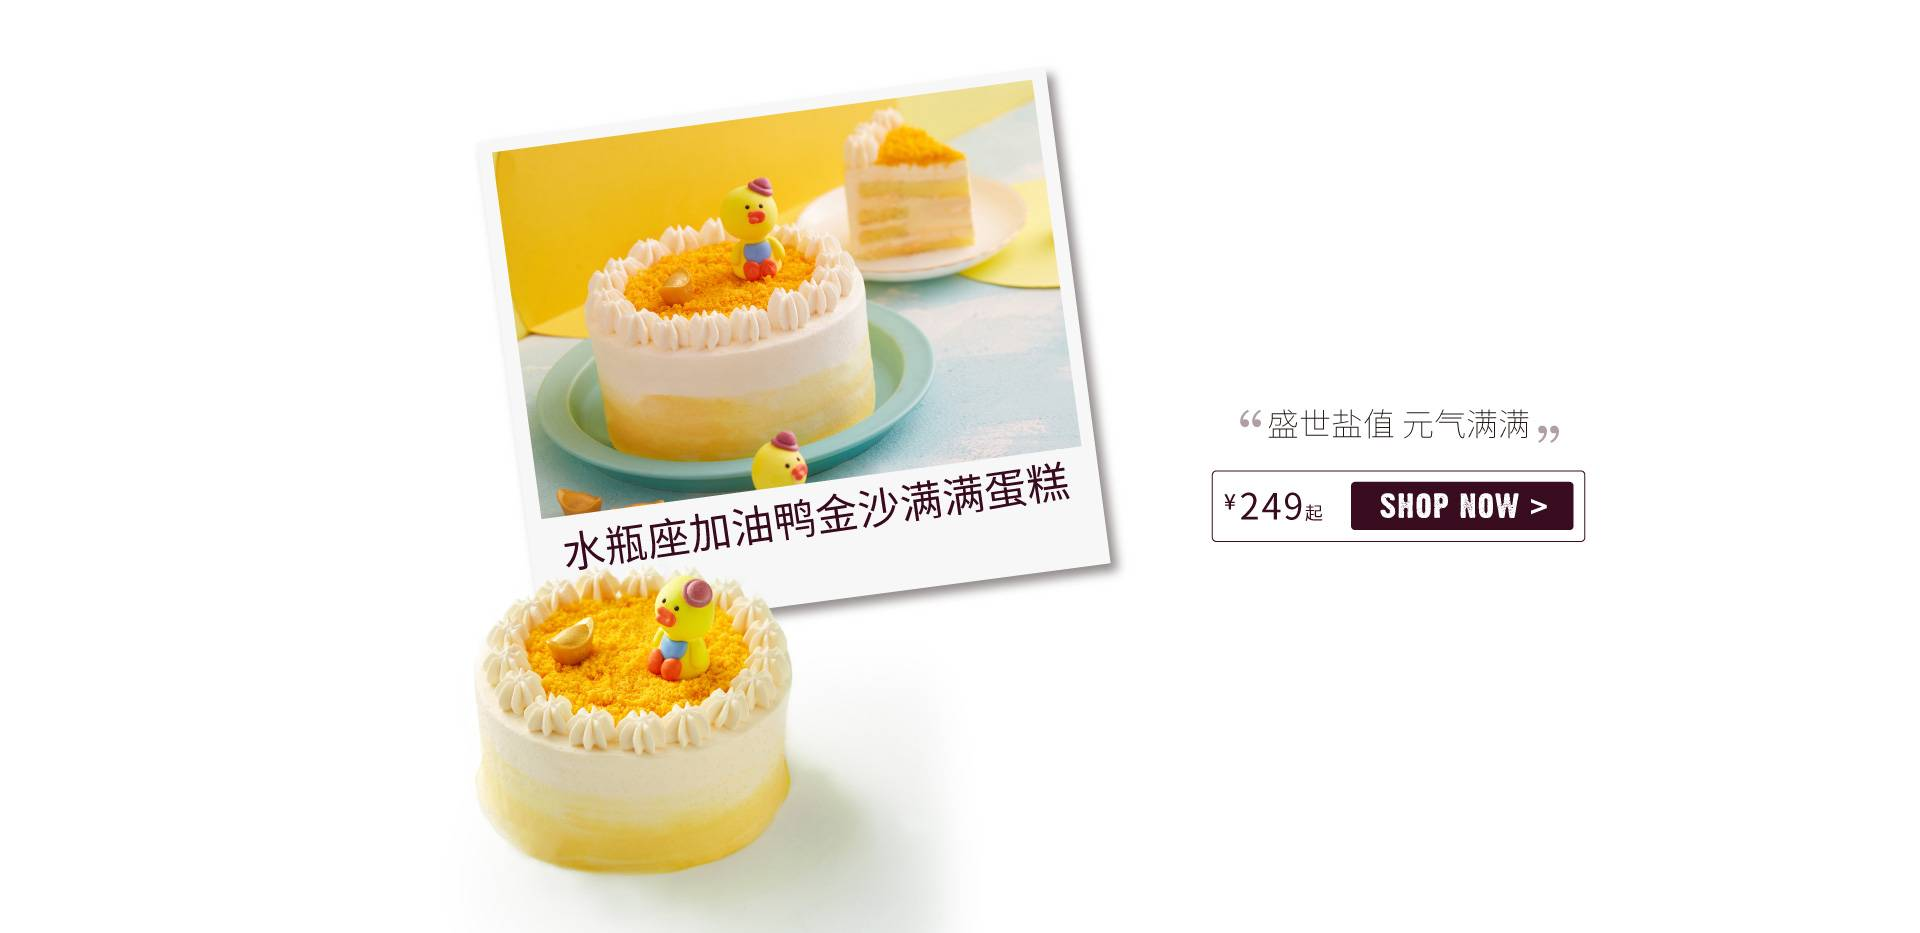 Aquarius Sponge Cake